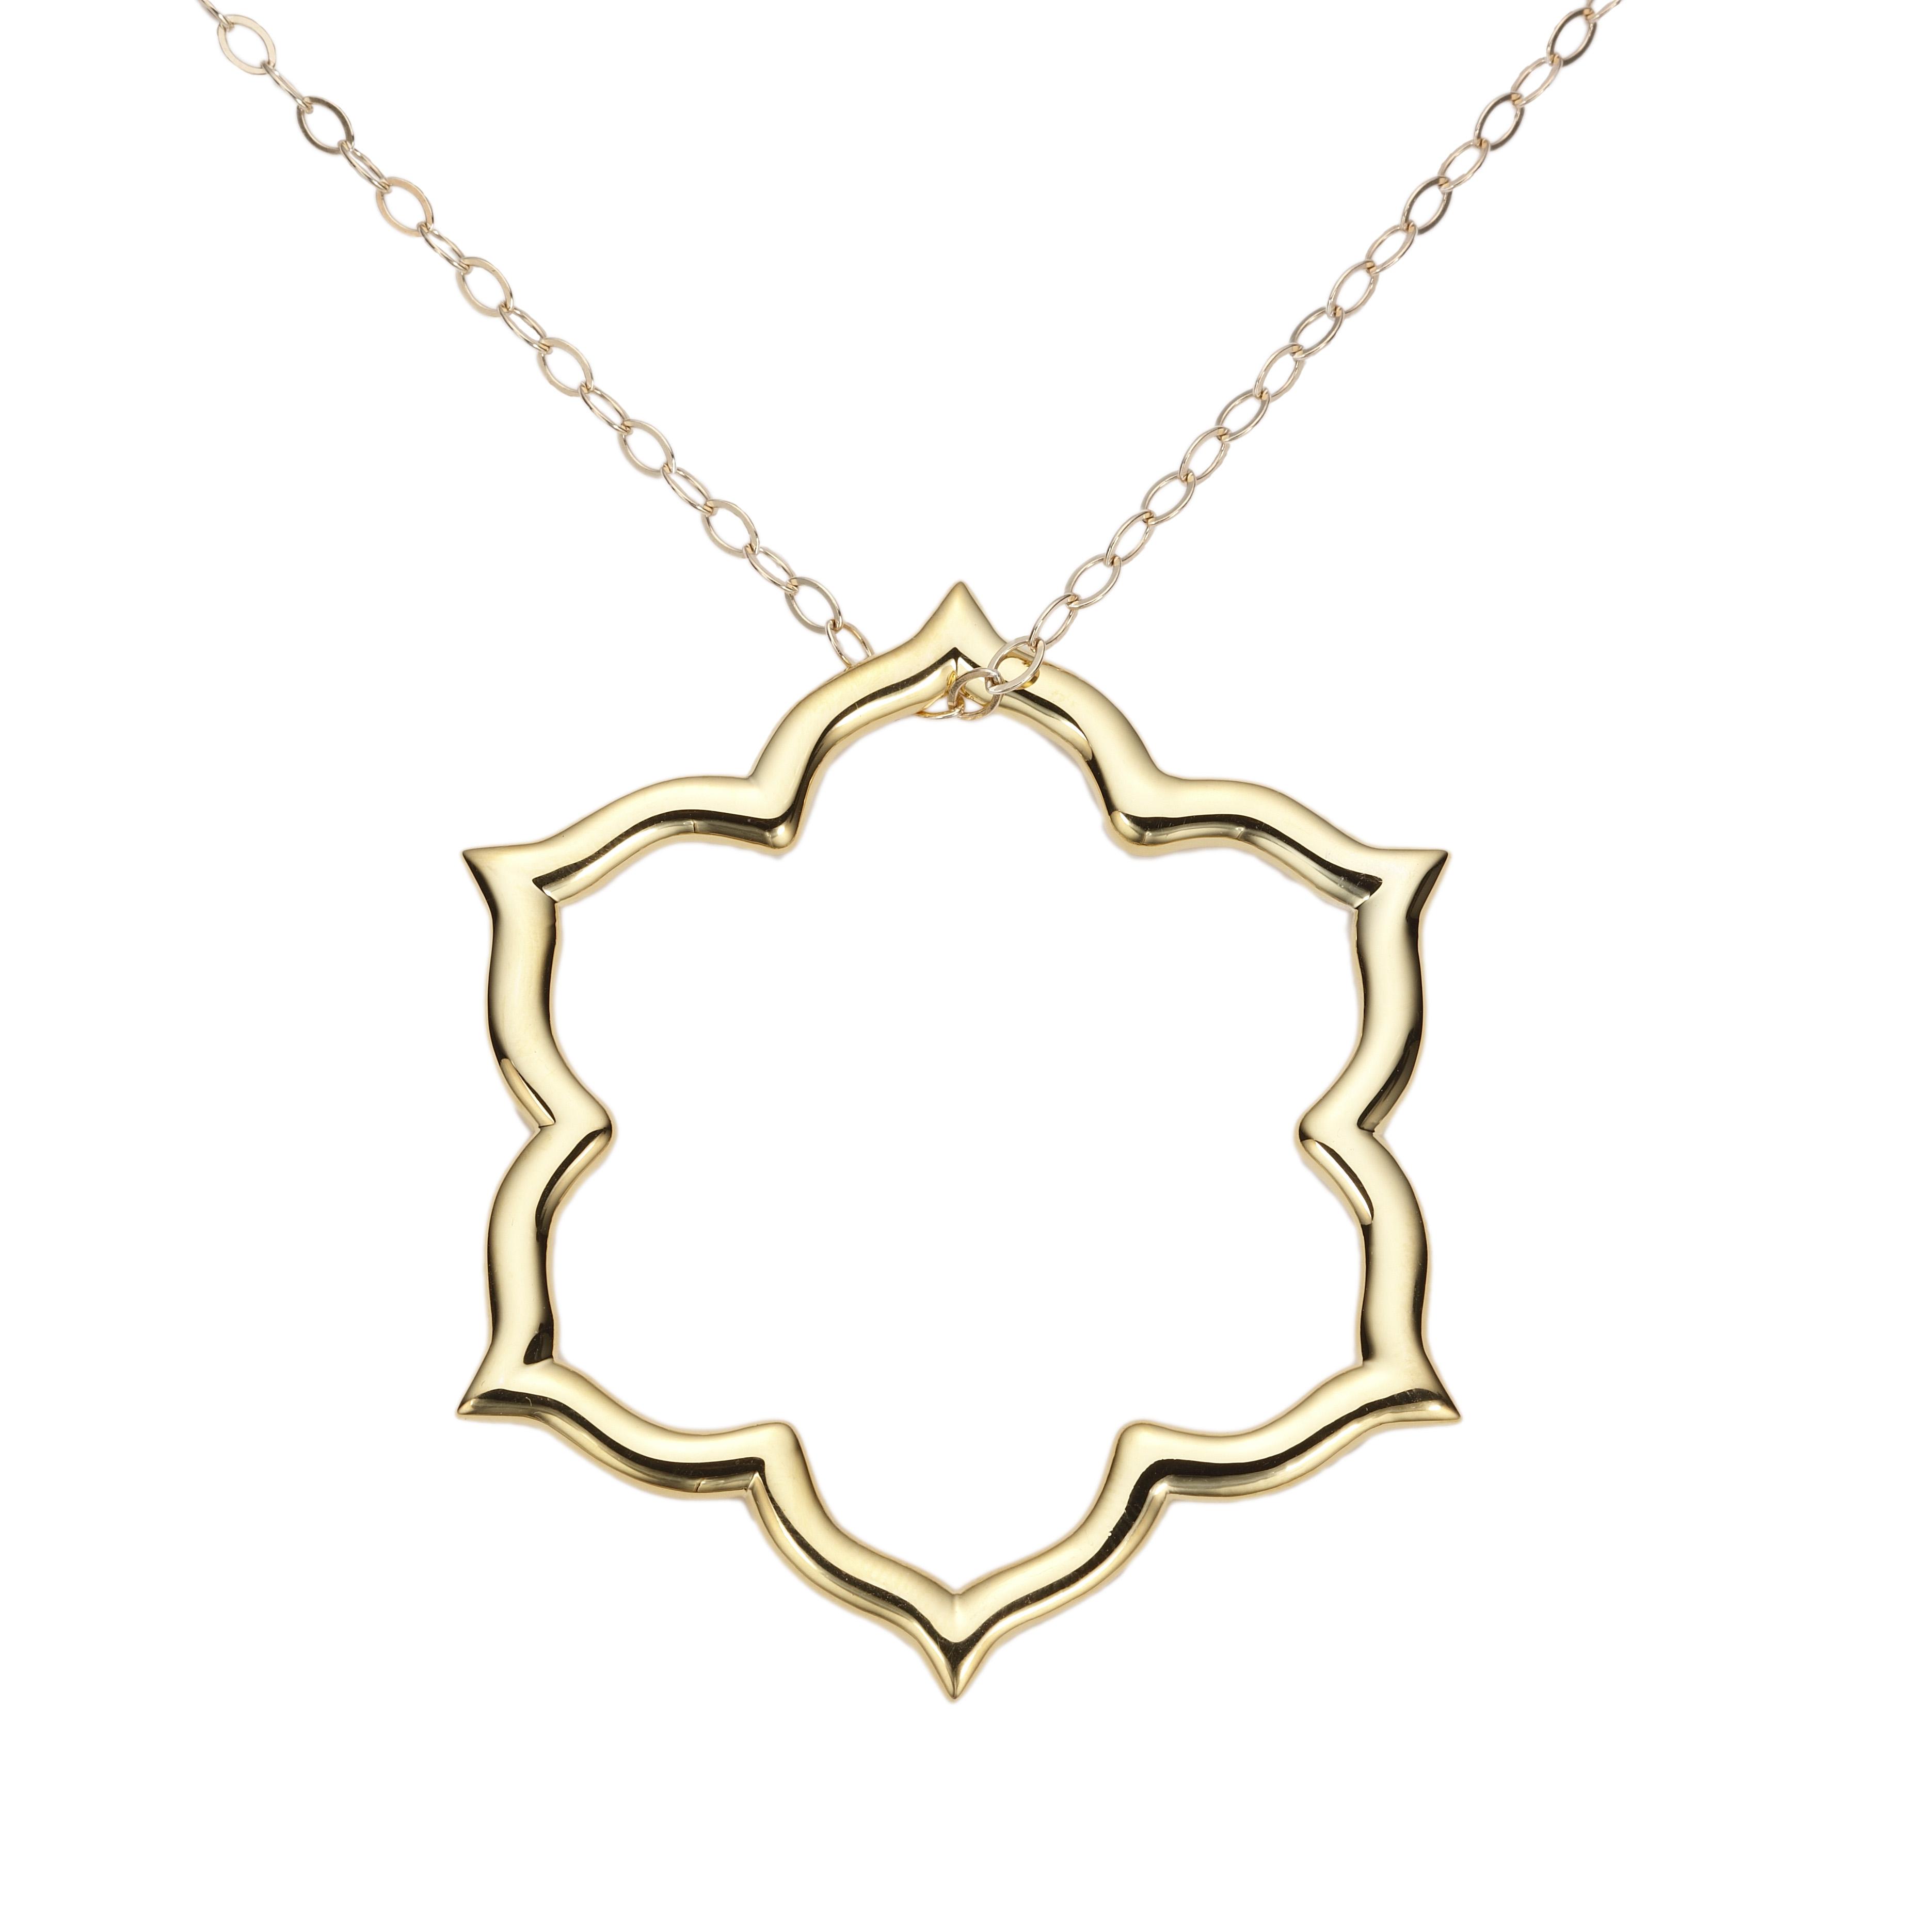 Palm Beach Jewelry By Seta